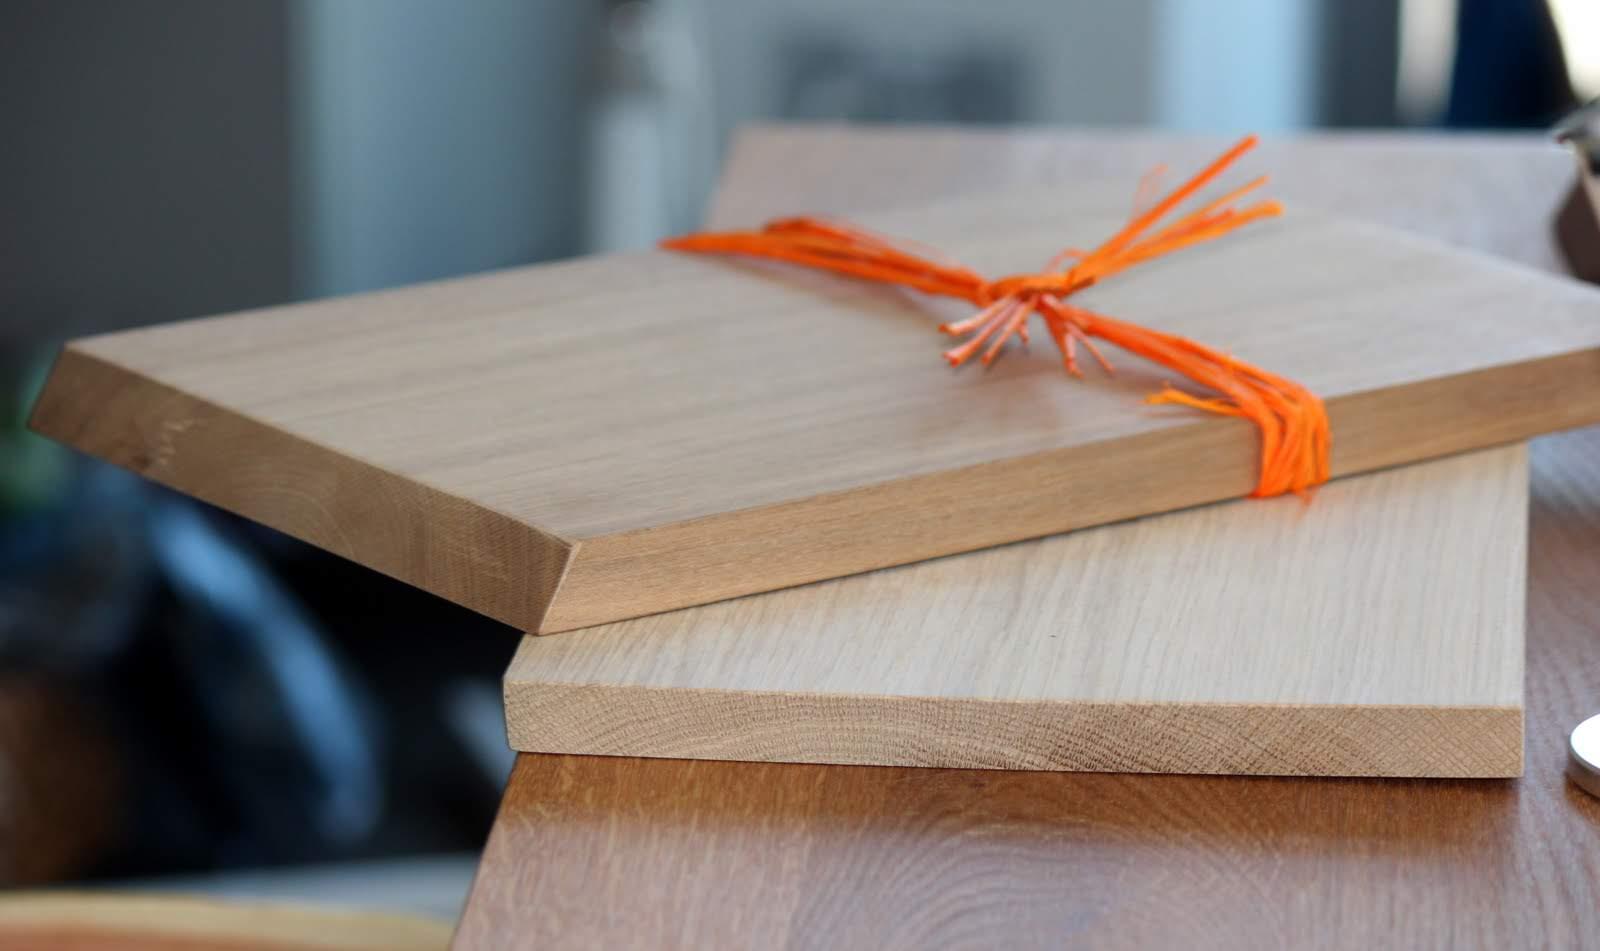 Aus der Schreinerei der Moritzberg-Werkstätten: Moderne, praktische Holzbretter, Tabletts, Untersetzter, Schemel ... und weitere nützliche moritzhome-Accessoires.